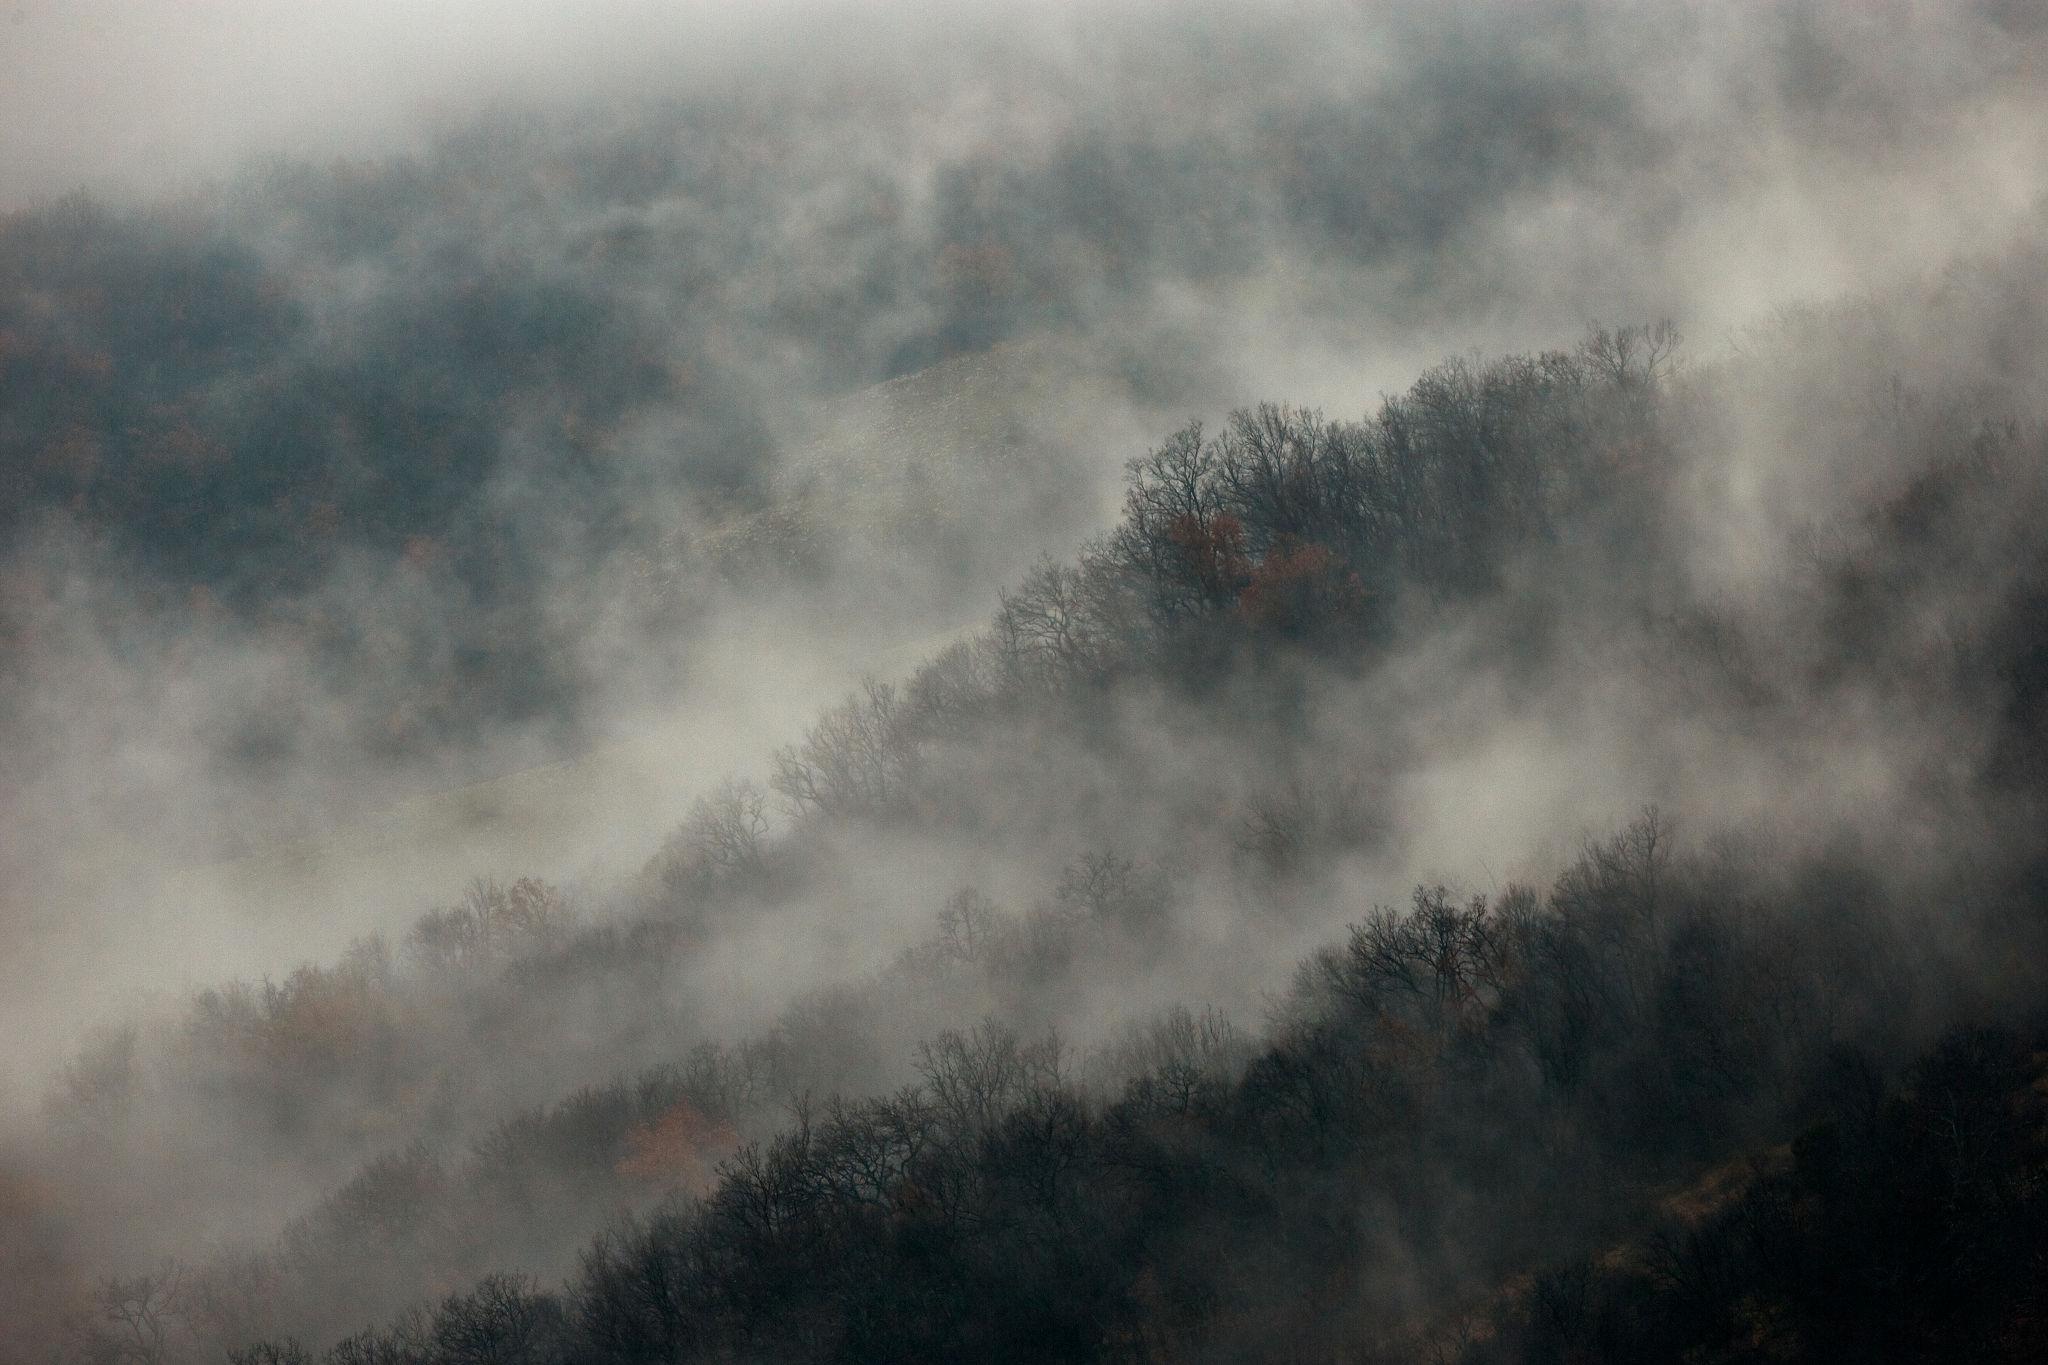 Bulharské ráno v Rodopech. Foto: Petr Salinger